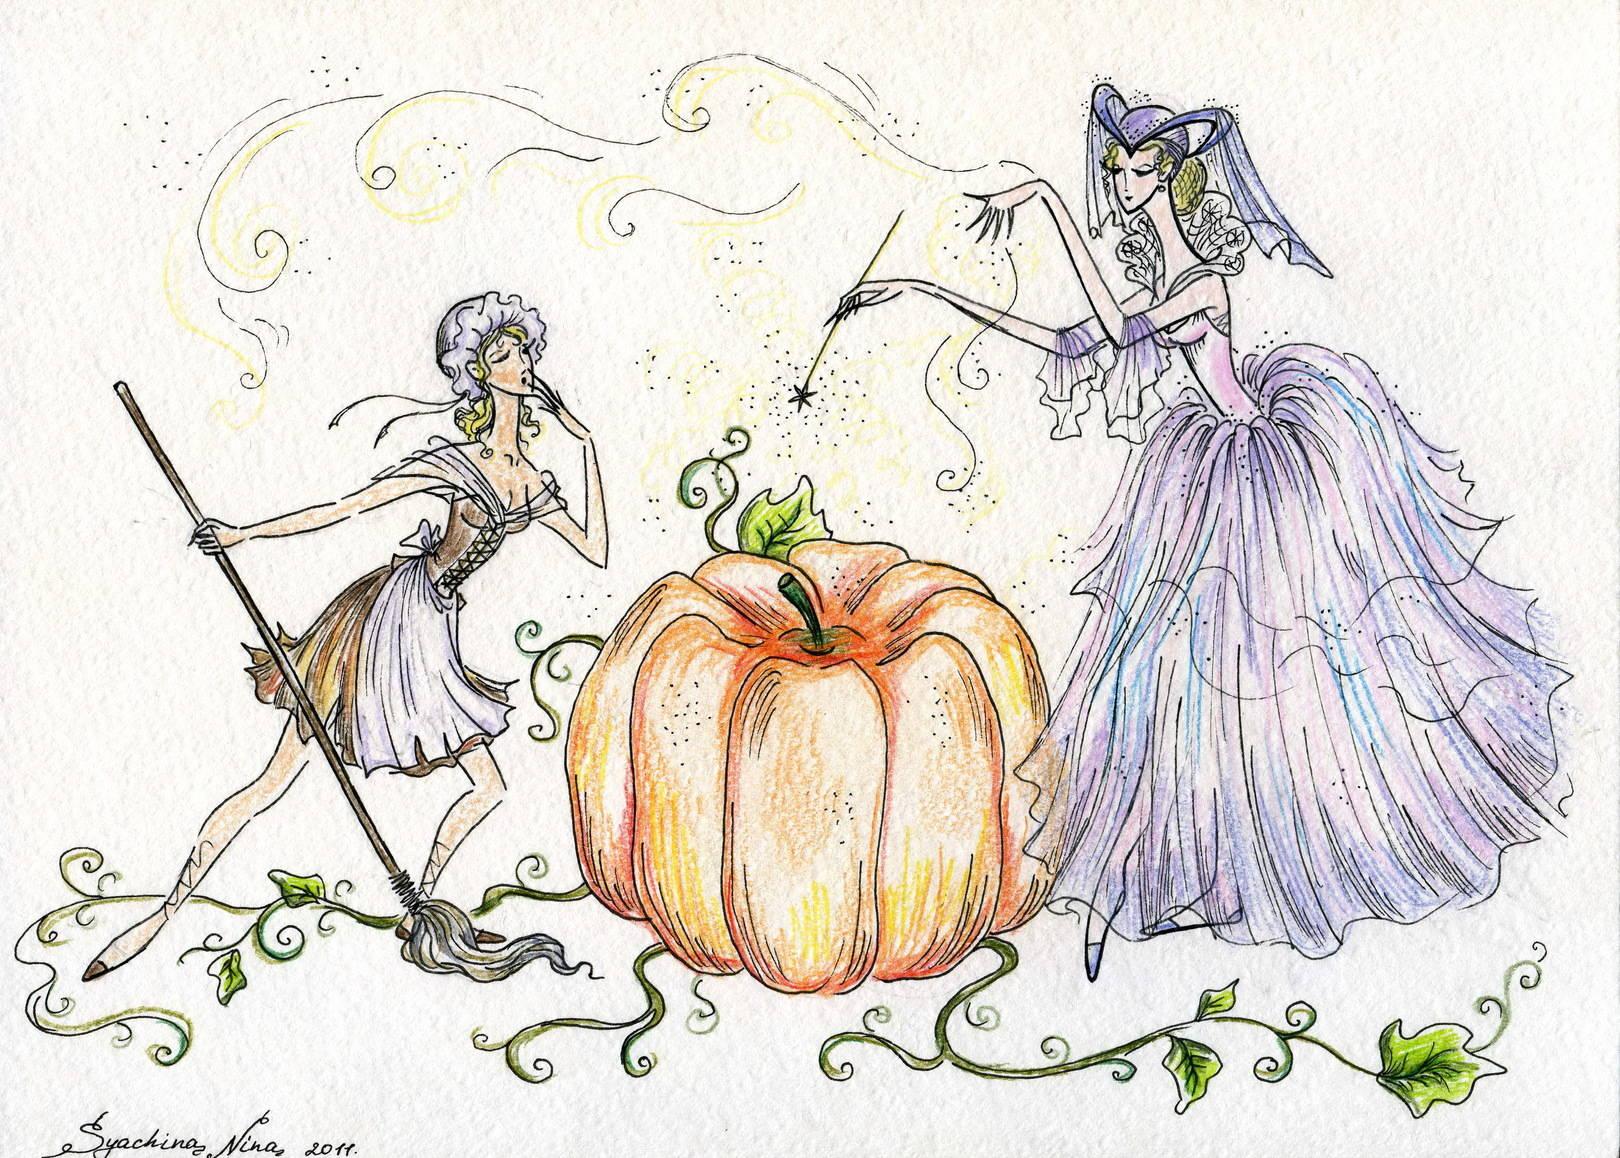 """одна из иллюстраций к сказке """"Золушка"""", в виде балета"""